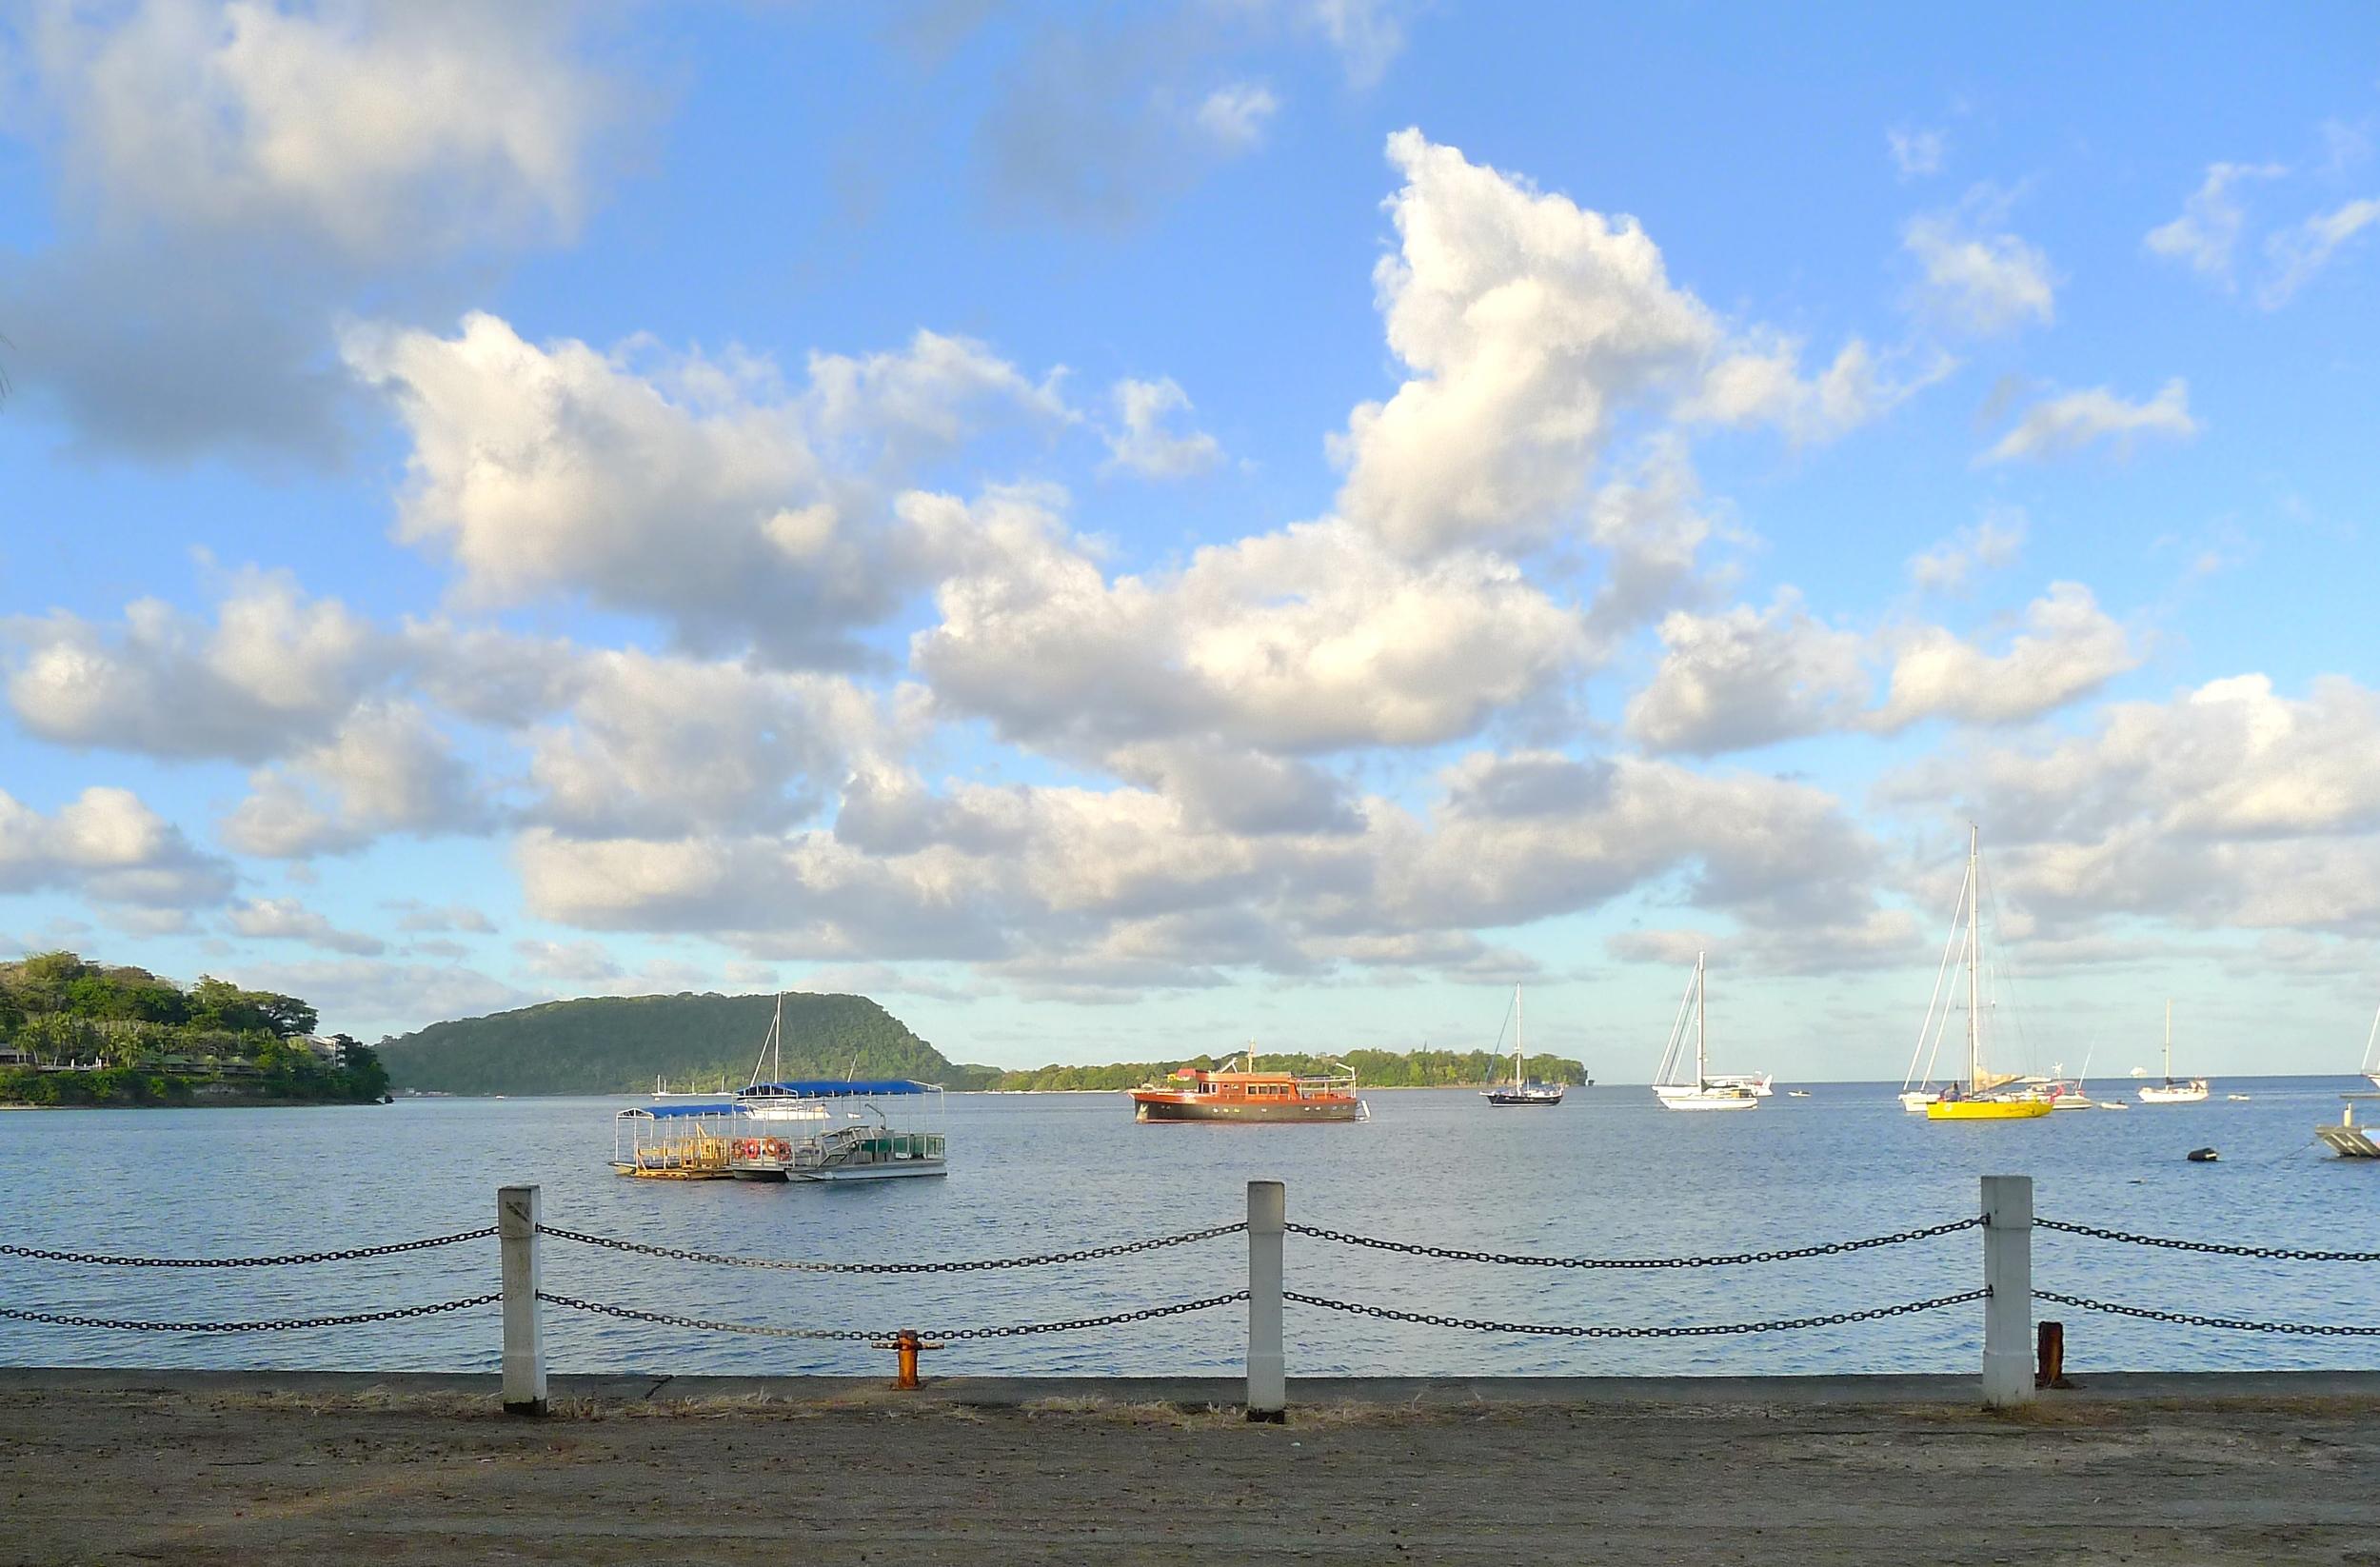 THE BAY OF PORT VILLA, VANUATU